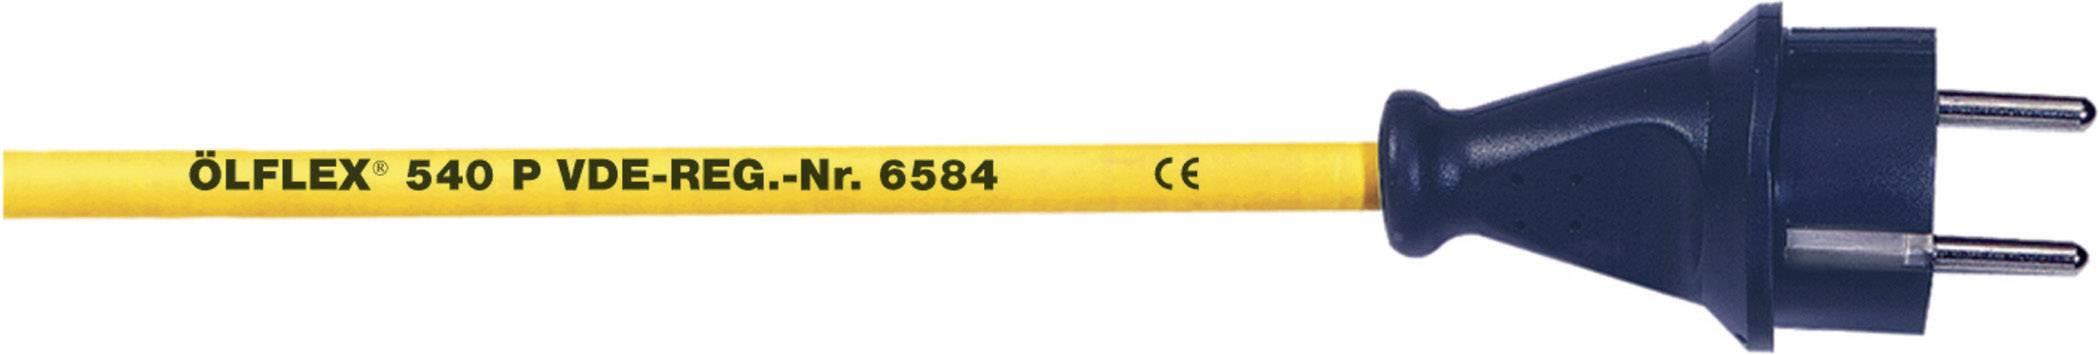 Připojovací kabel NETZFLEXR 3G1,5 5000